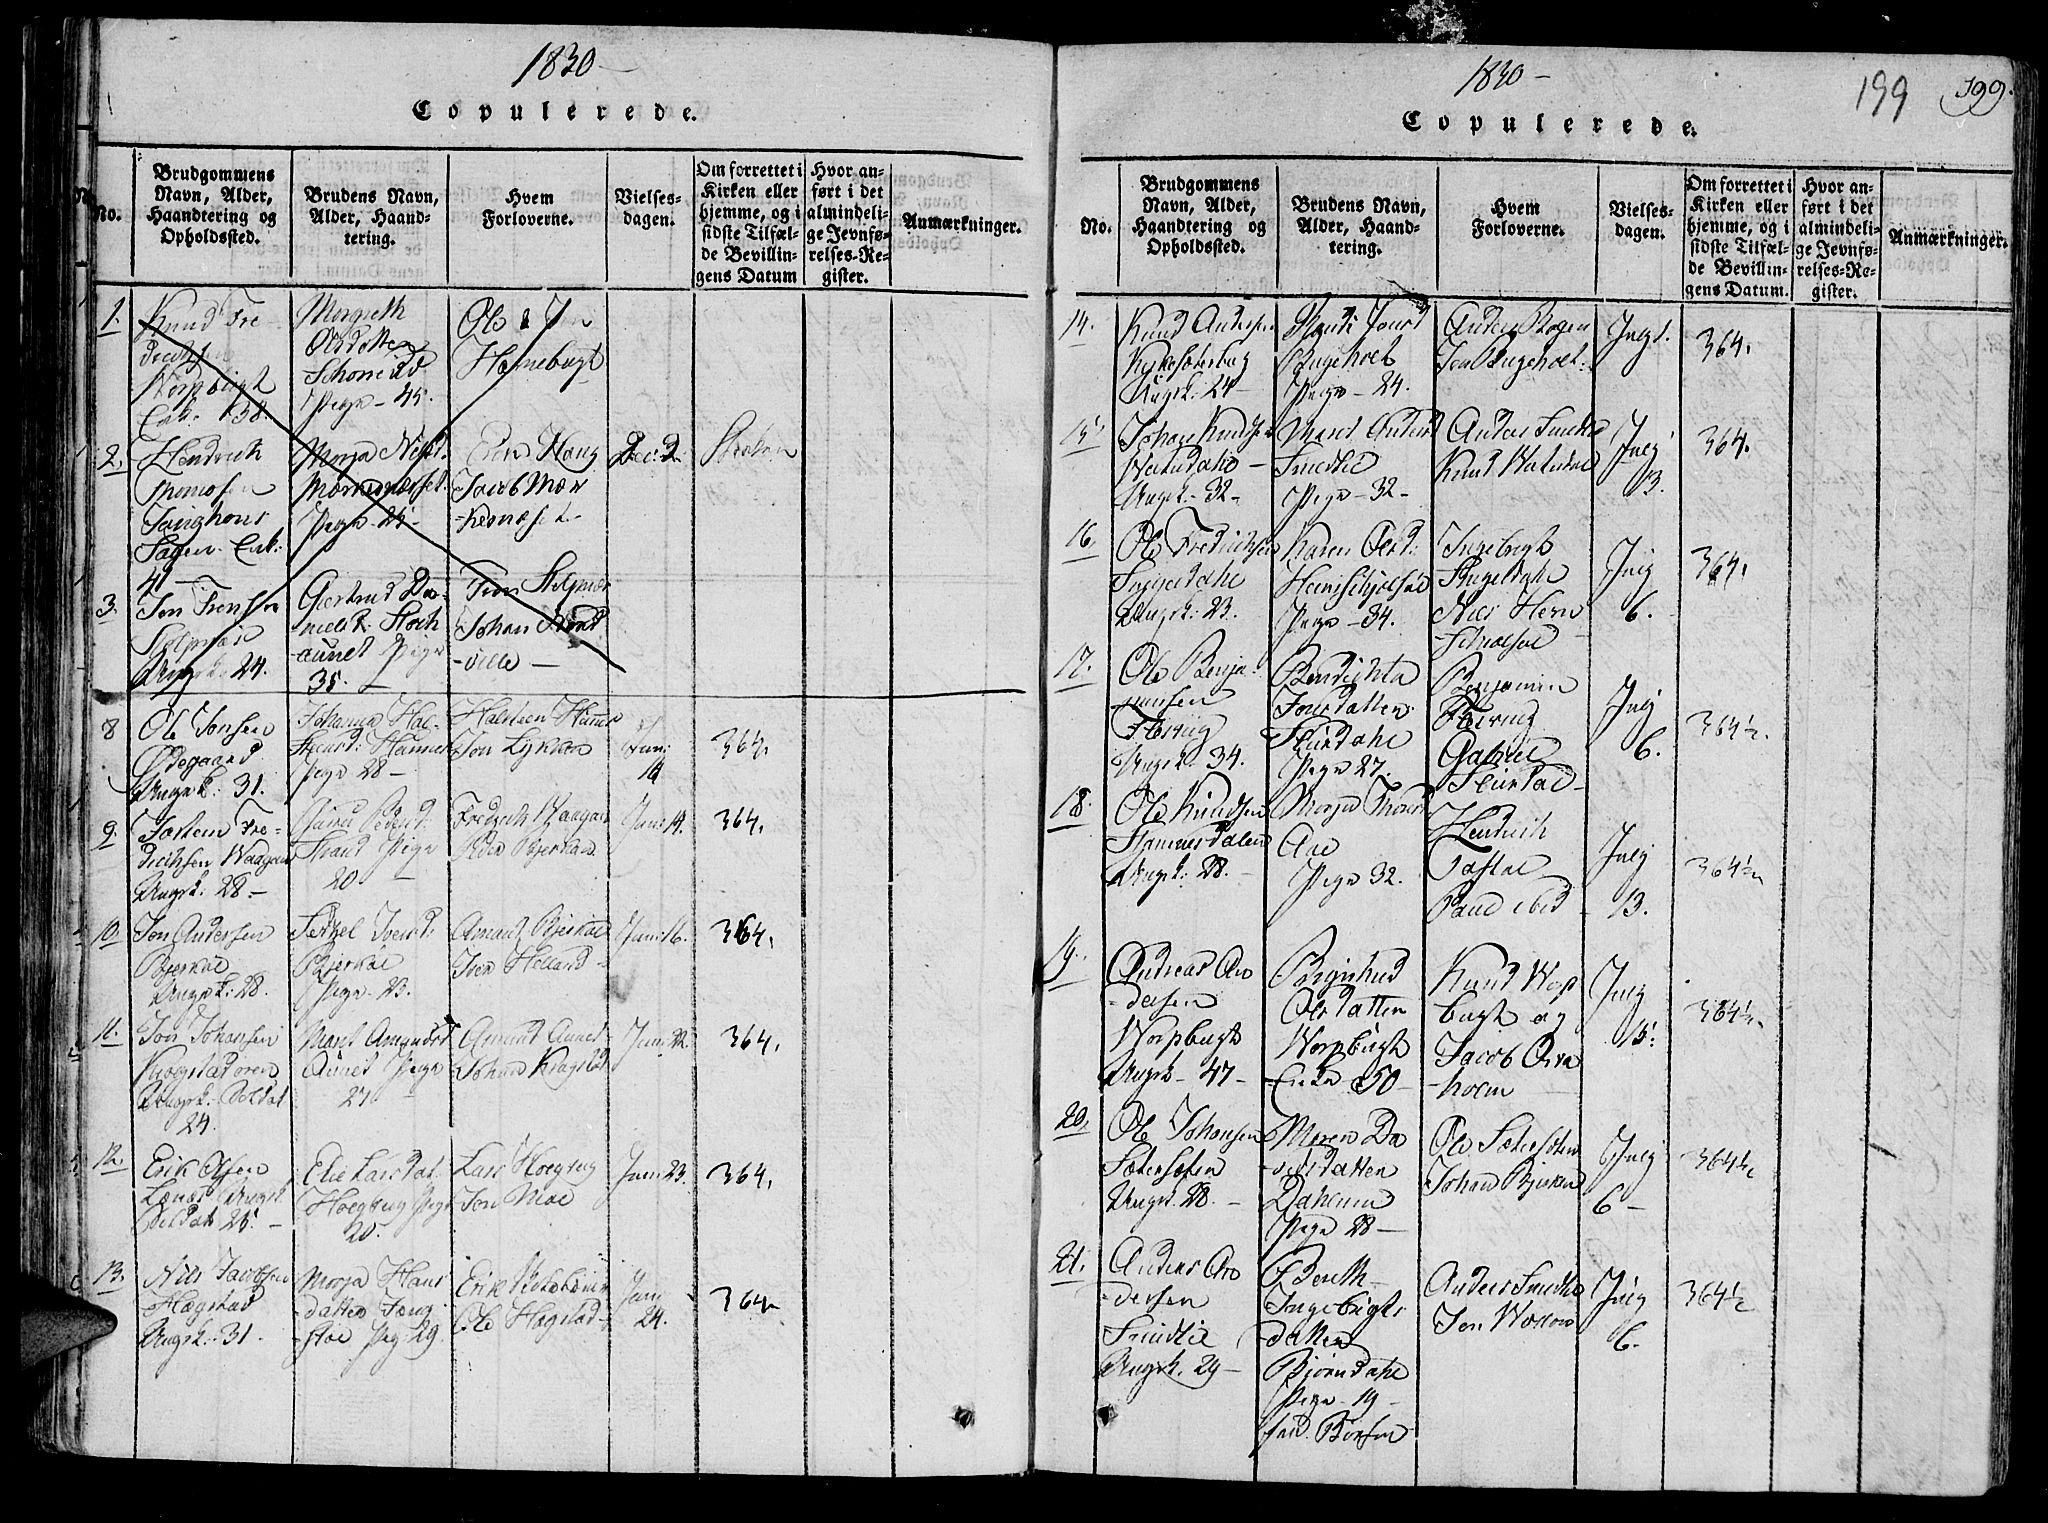 SAT, Ministerialprotokoller, klokkerbøker og fødselsregistre - Sør-Trøndelag, 630/L0491: Ministerialbok nr. 630A04, 1818-1830, s. 199